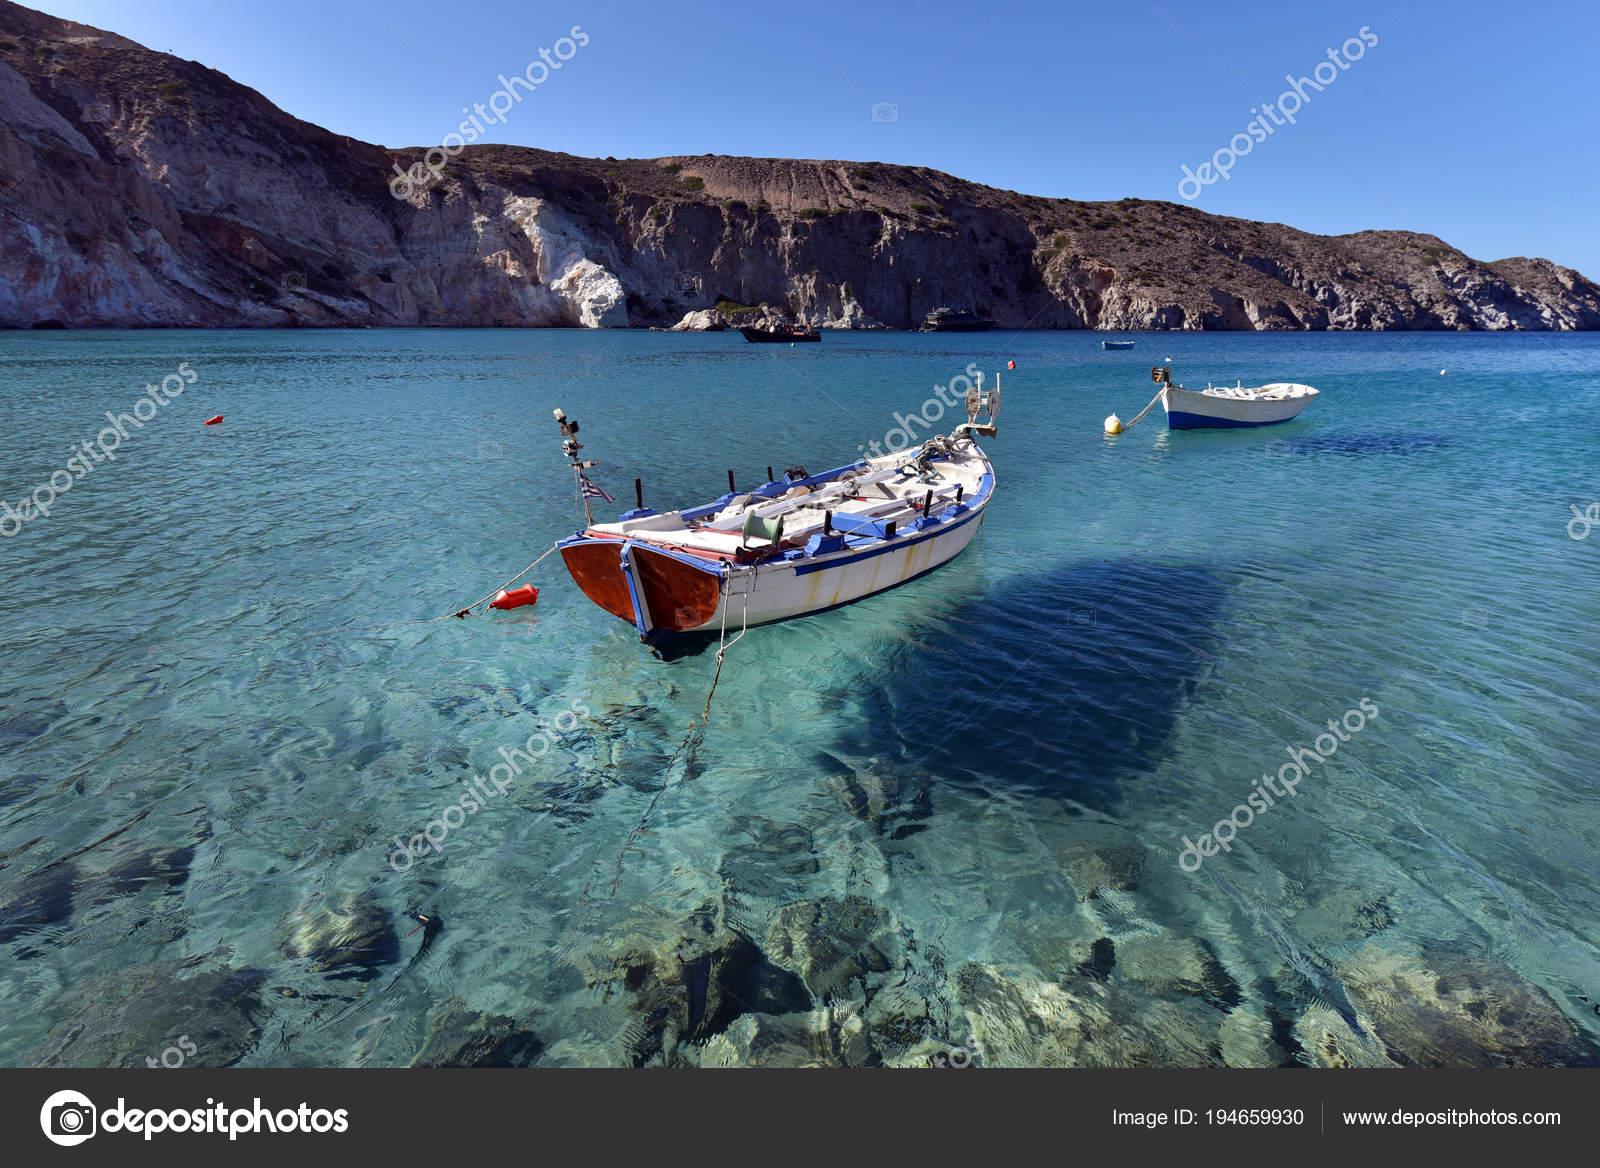 6b7c5c89b34f6a Weißes Boot Ankern Der Bucht Firopotamos Mit Smaragdgrünes Meerwasser Insel  — Stockfoto